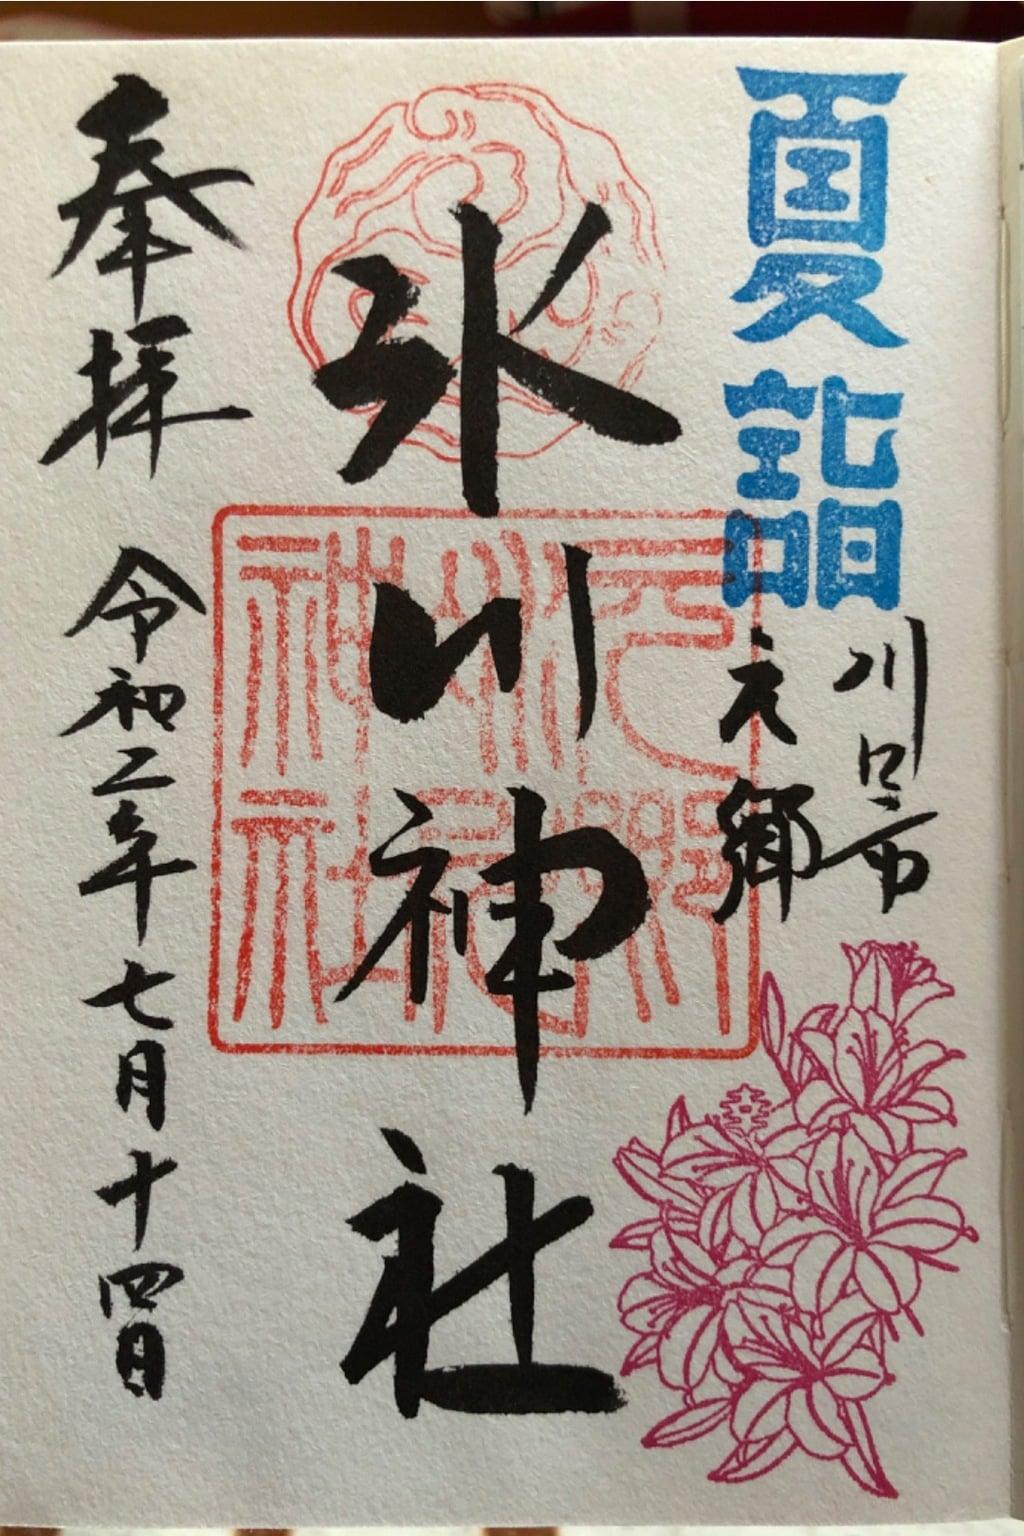 元郷氷川神社の御朱印